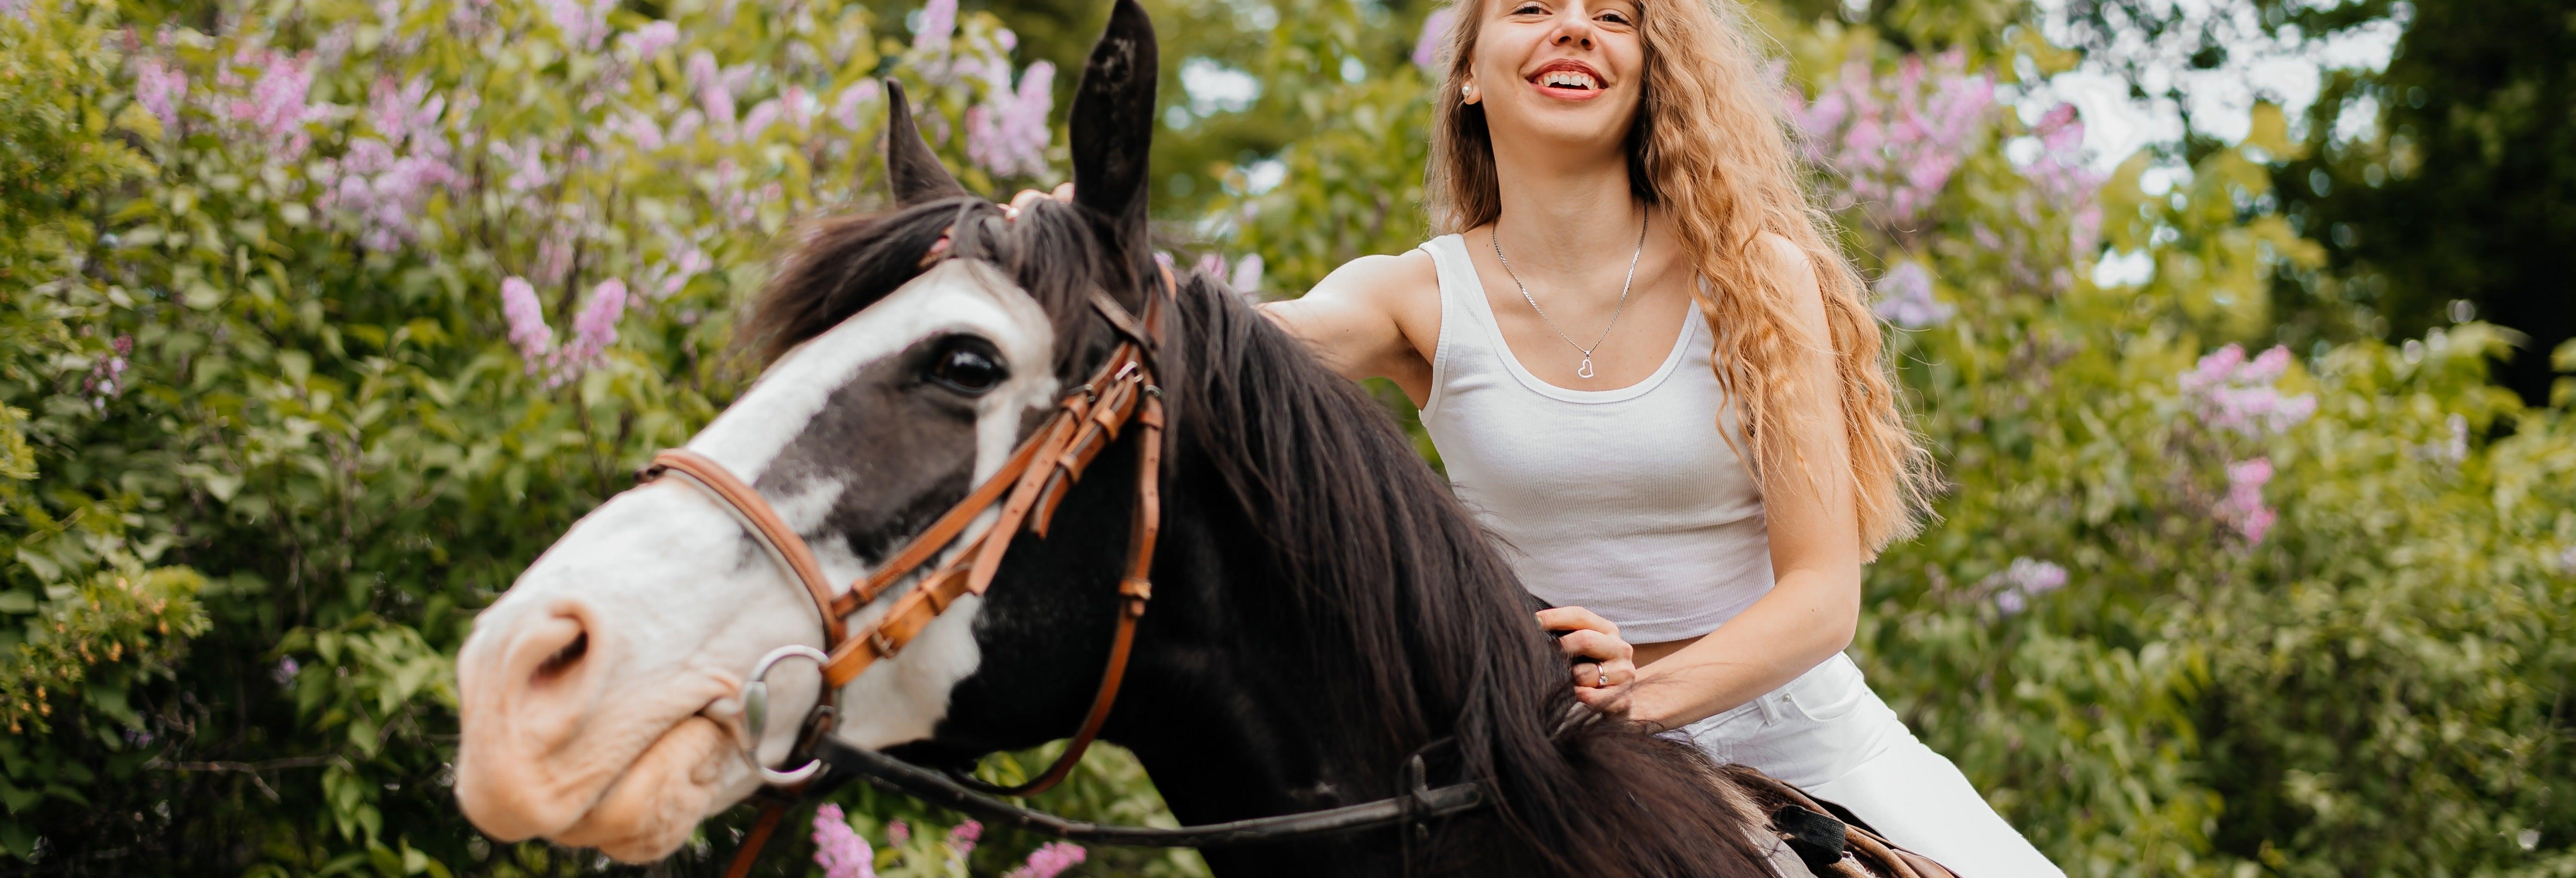 Escursione a Montserrat + Giro a cavallo